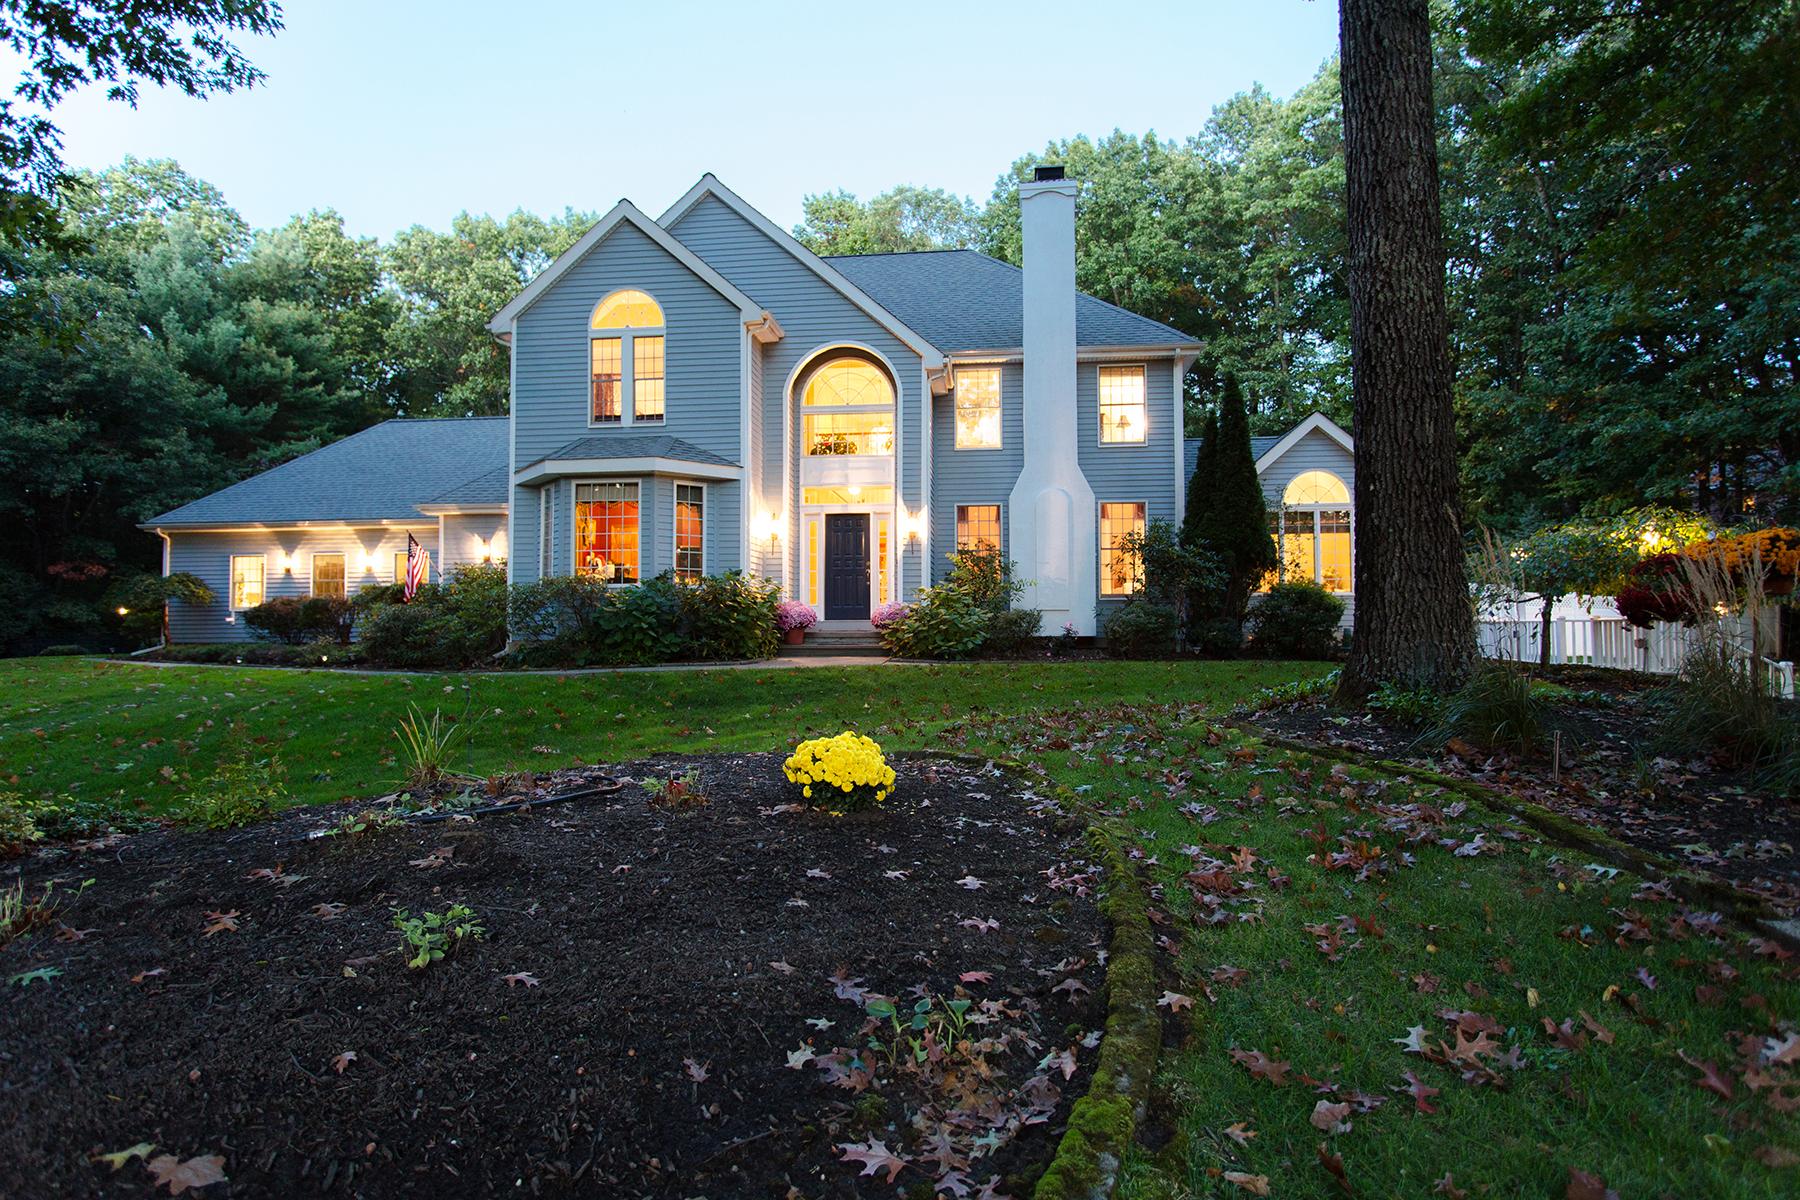 Einfamilienhaus für Verkauf beim Executive Home in Knoll Spring Park 4 Pheasant Run Saratoga Springs, New York 12866 Vereinigte Staaten